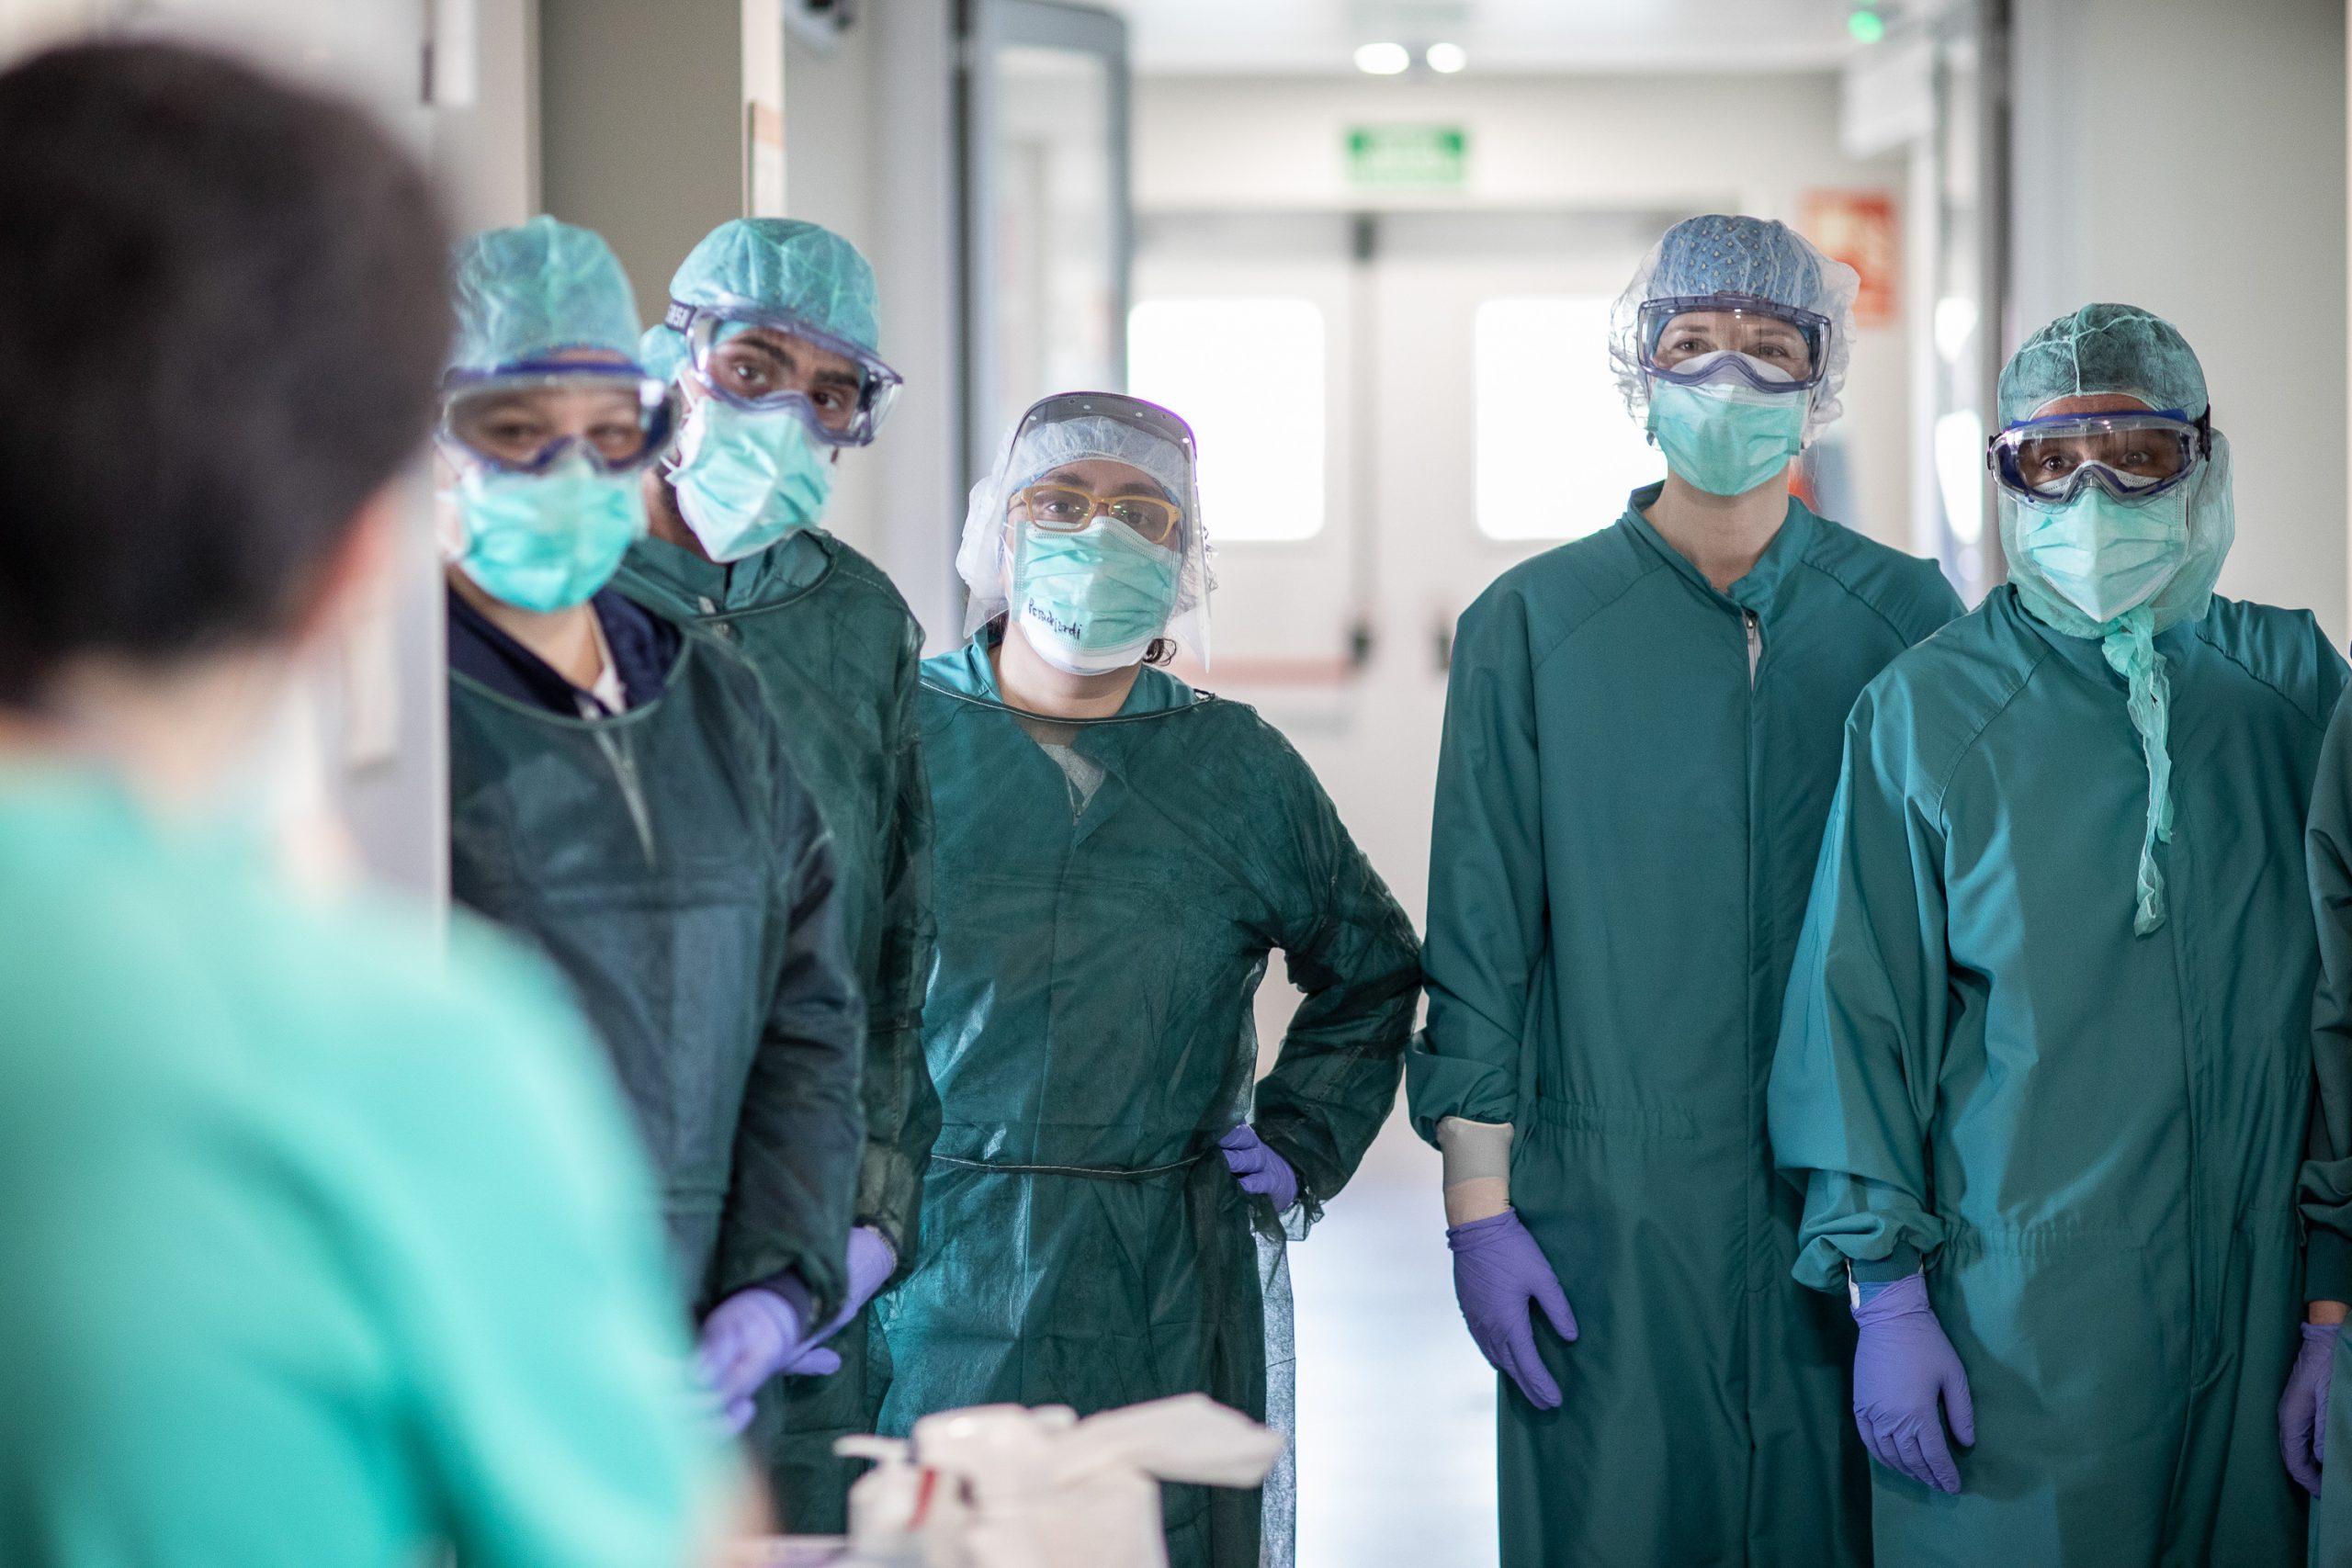 """Medicii din ATI amenință cu demisia în bloc în cazul în care li se taie salariul: """"E incalificabil ce face clasa politică"""""""